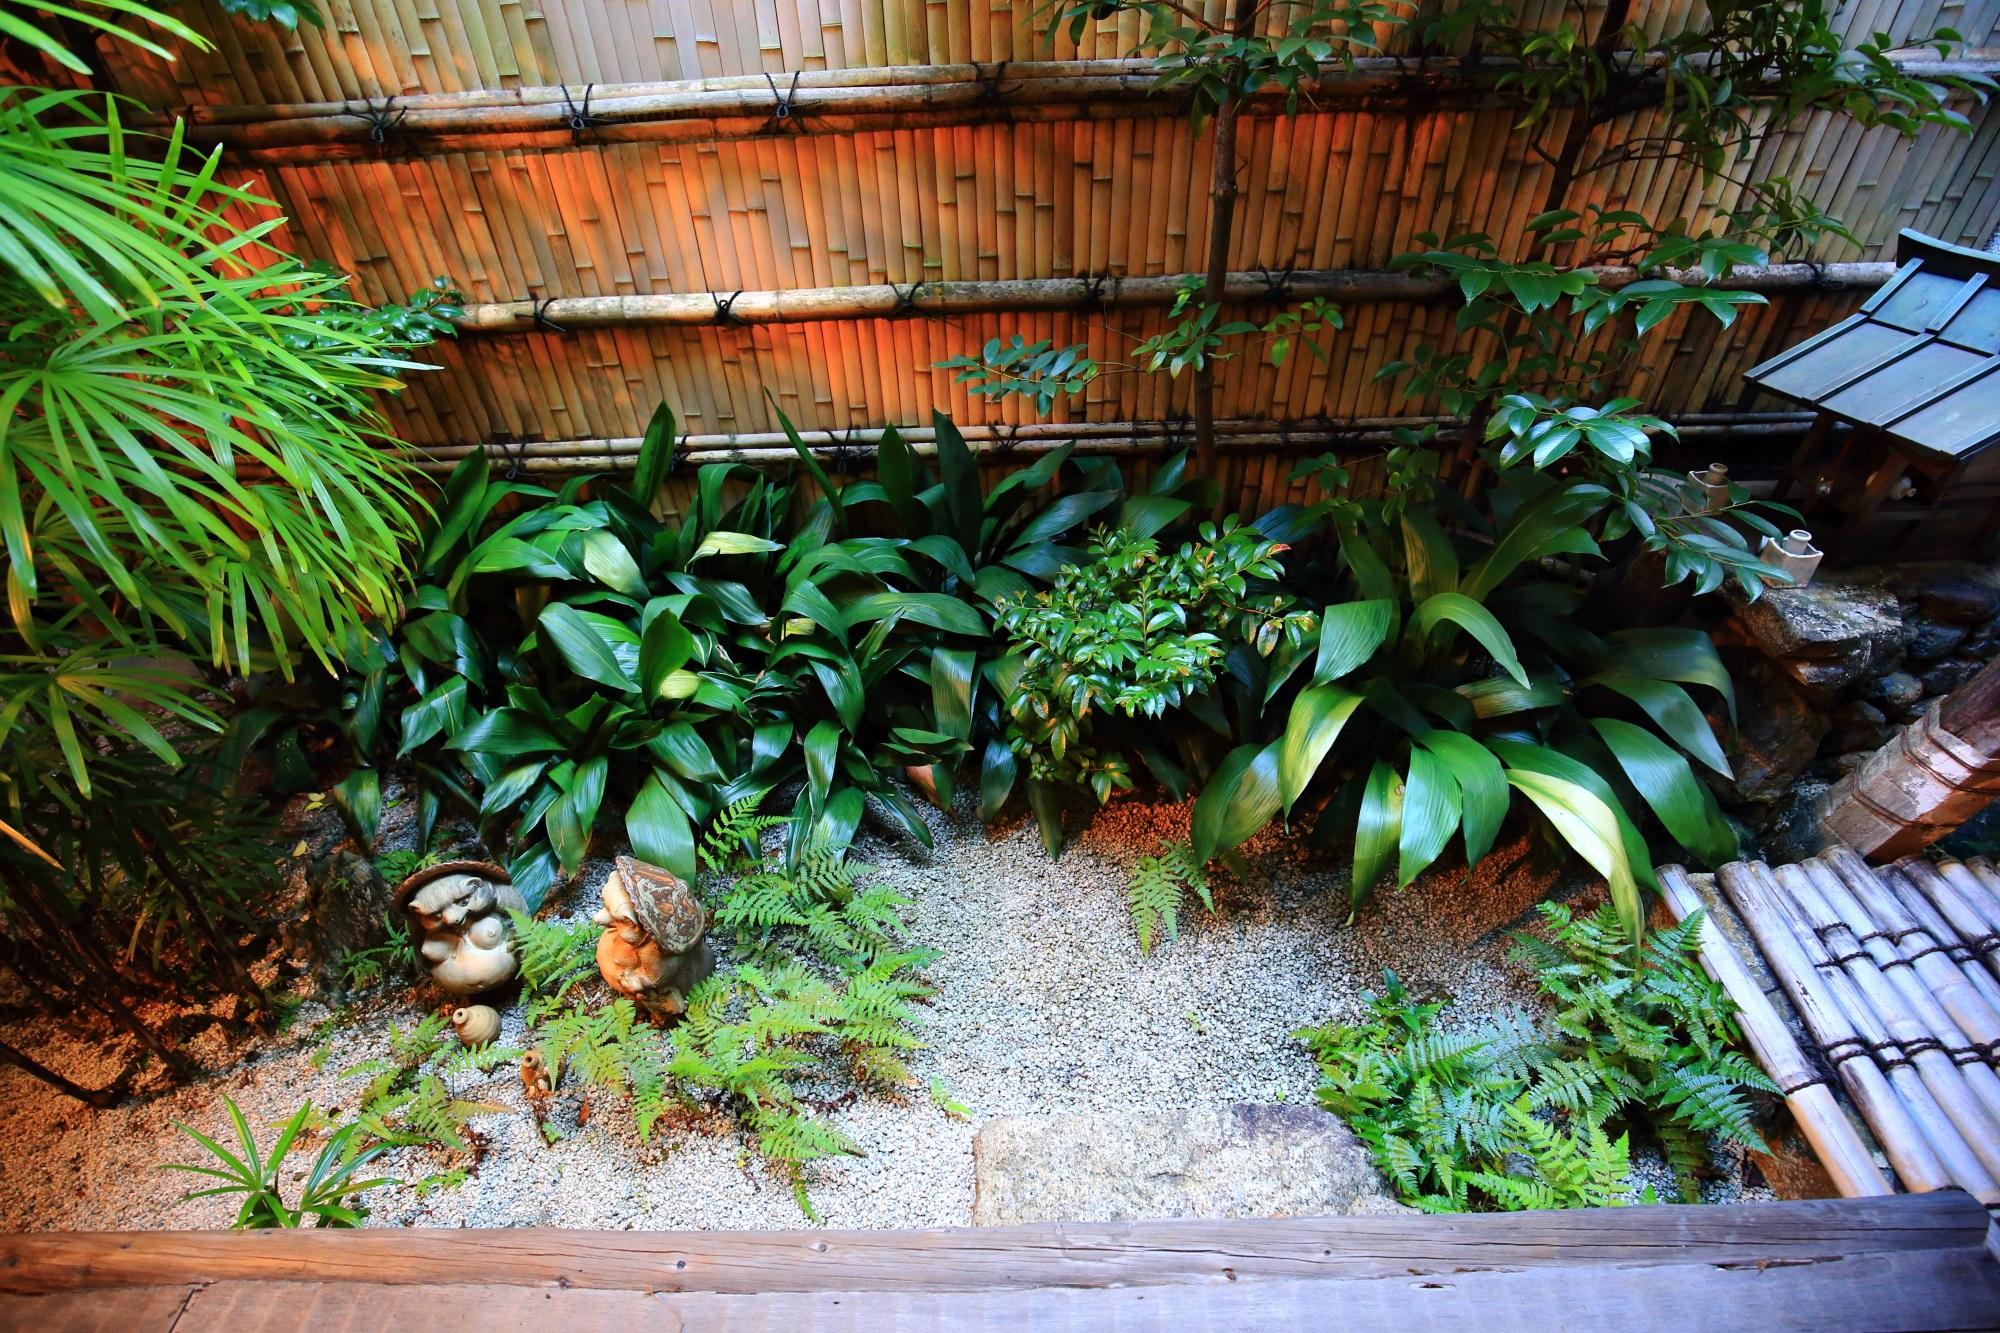 良く手入れされており緑も綺麗なぎをん小森の素晴らしい中庭